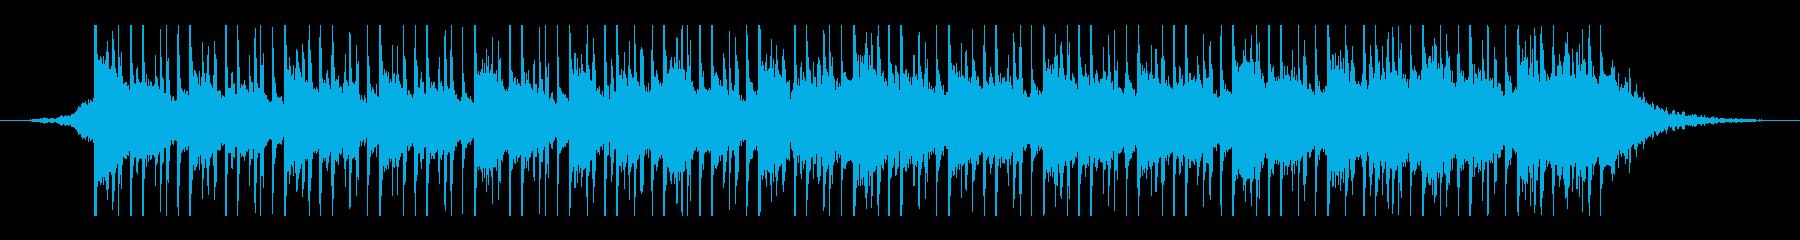 アラビア音楽(45秒)の再生済みの波形